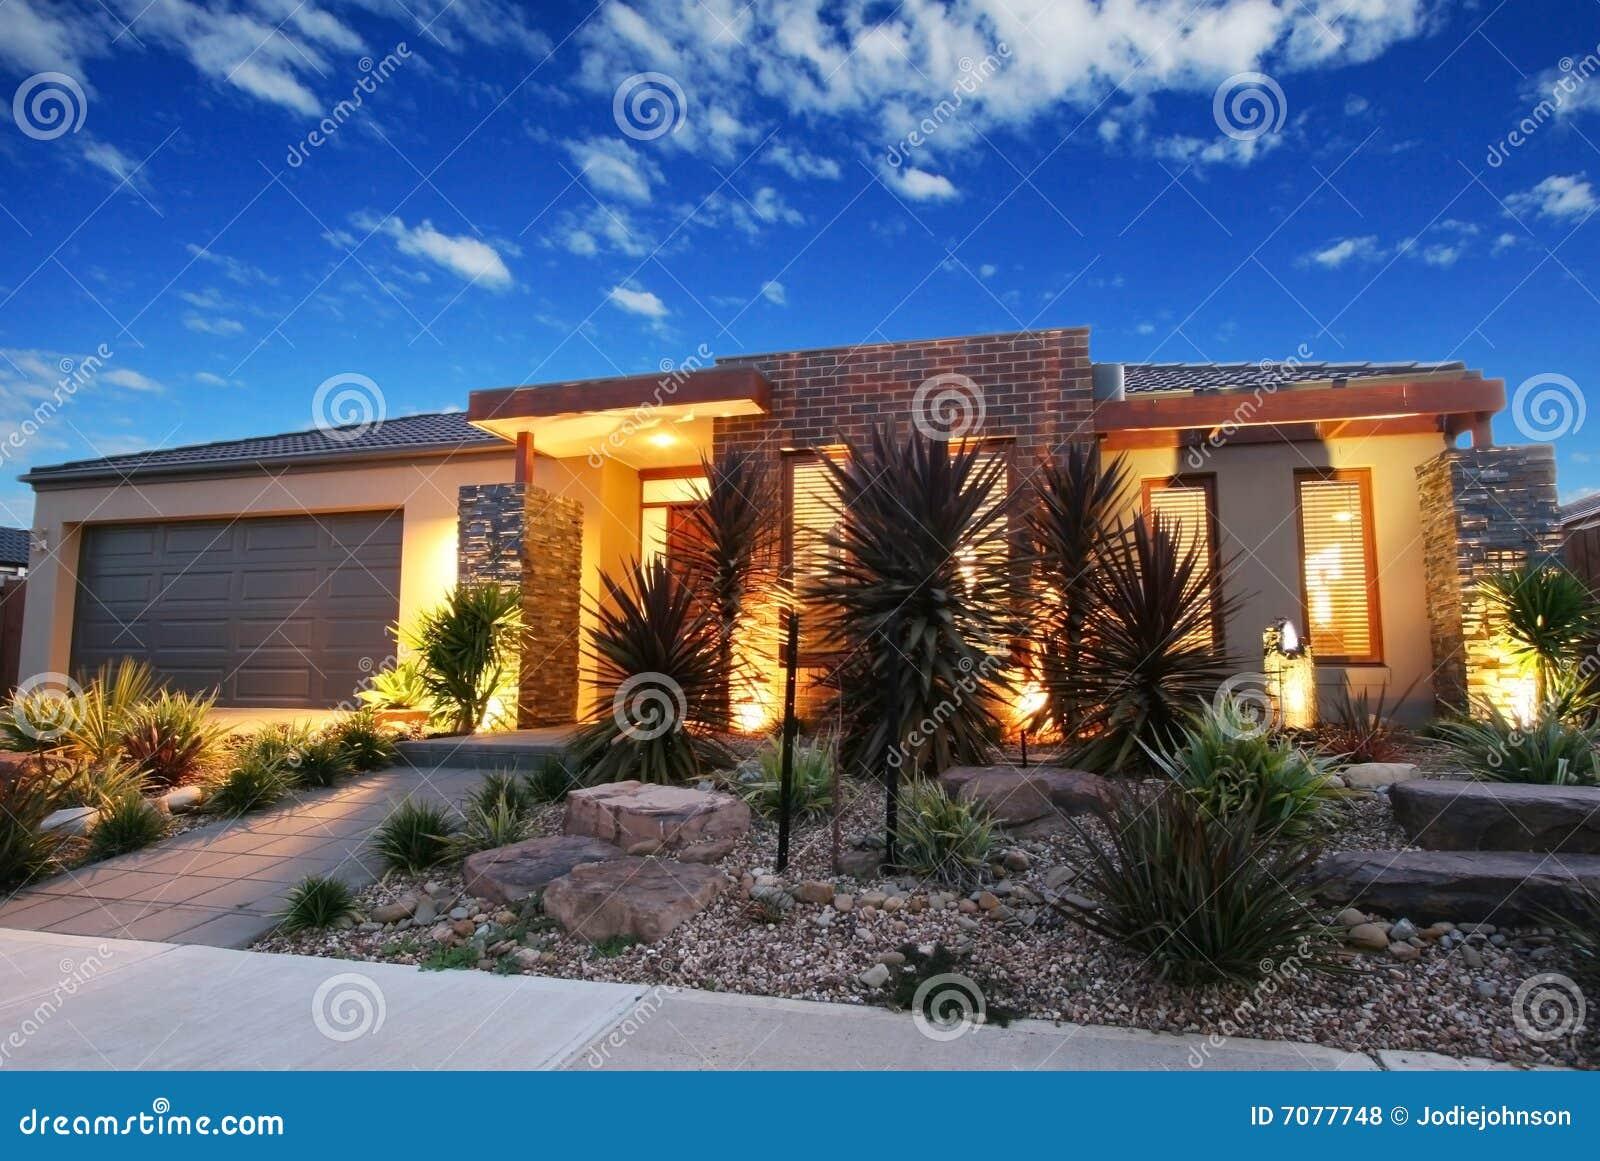 Eigentijds australisch huis stock foto afbeelding 7077748 - Gevel eigentijds huis ...